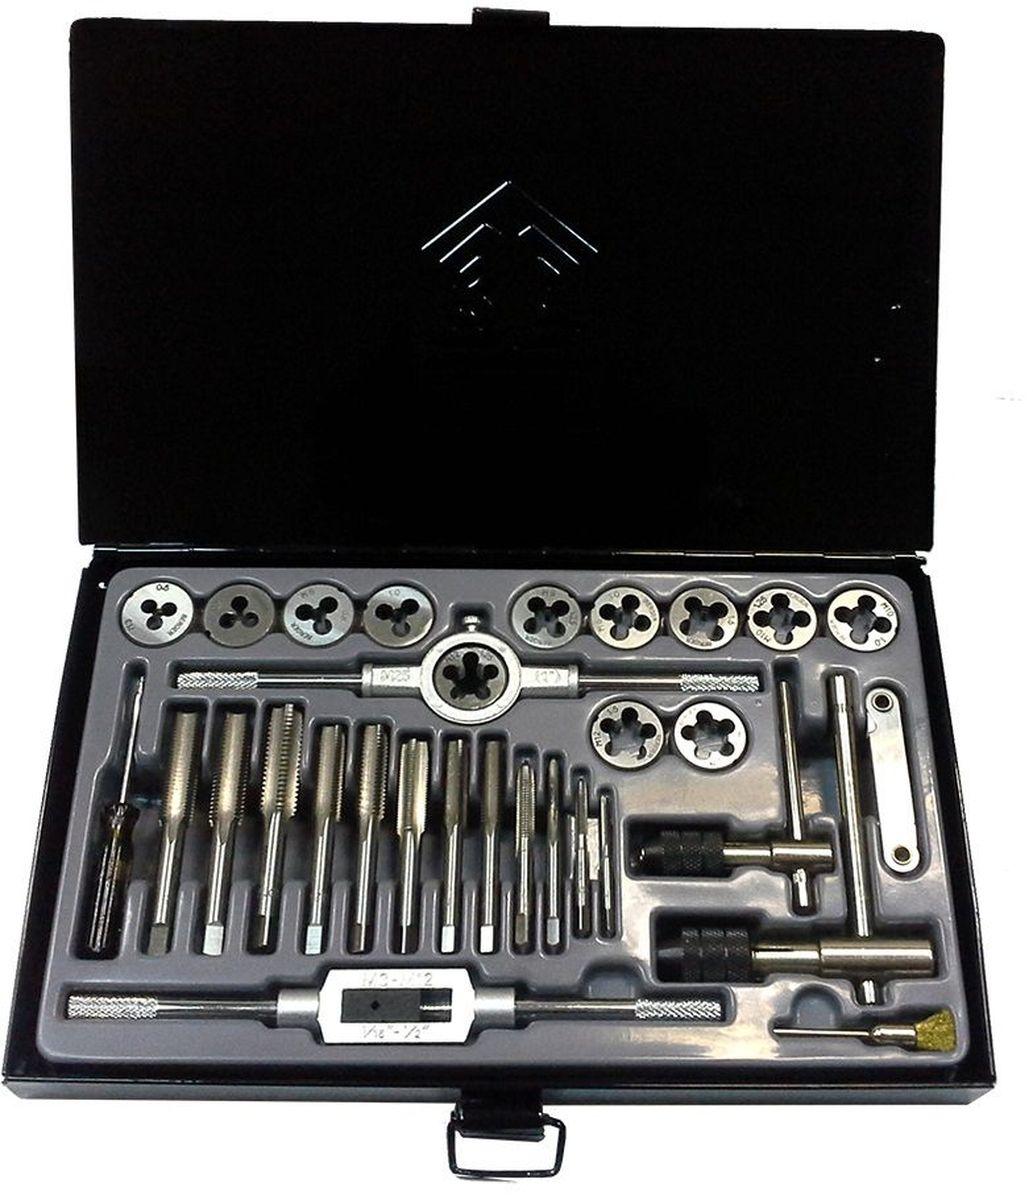 Набор плашек и метчиков Berger, 31 предмет. BG31TDSBG31TDSНабор плашек и метчиков Berger используется для нарезания различной резьбы на внутренних и внешних металлических поверхностях. Метчико- и плашкодержатели оснащены удобными рукоятками, что обеспечивает комфортную работу инструментом.В наборе:- 12 плашек: М3 х 0,5; М4 х 0,7; М5 х 0,8; М6 х 1,0; М8 х 1,0; М8 х 1,25; М10 х 1,5; М10 х 1,25; М10 х 1; М12 х 1,5; М12 х 1,75; М12 х 1,25 мм,- 12 однопроходных метчиков: М3 х 0,5; М4 х 0,7; М5 х 0,8; М6 х 1,0; М8 х 1,0; М8 х 1,25; М10 х 1,5; М10 х 1,25; М10 х 1; М12 х 1,5; М12 х 1,75; М12 х 1,25 мм,- 1 ключ для плашек 25 х 9,- 1 ключ для метчиков М3-М12,- 1 быстрозажимной Т-образный ключ для метчиков М3-М6,- 1 быстрозажимной Т-образный ключ для метчиков М5-М12,- 1 резьбомер 0,5-2,5 мм,- 1 щетка,- 1 отвертка.